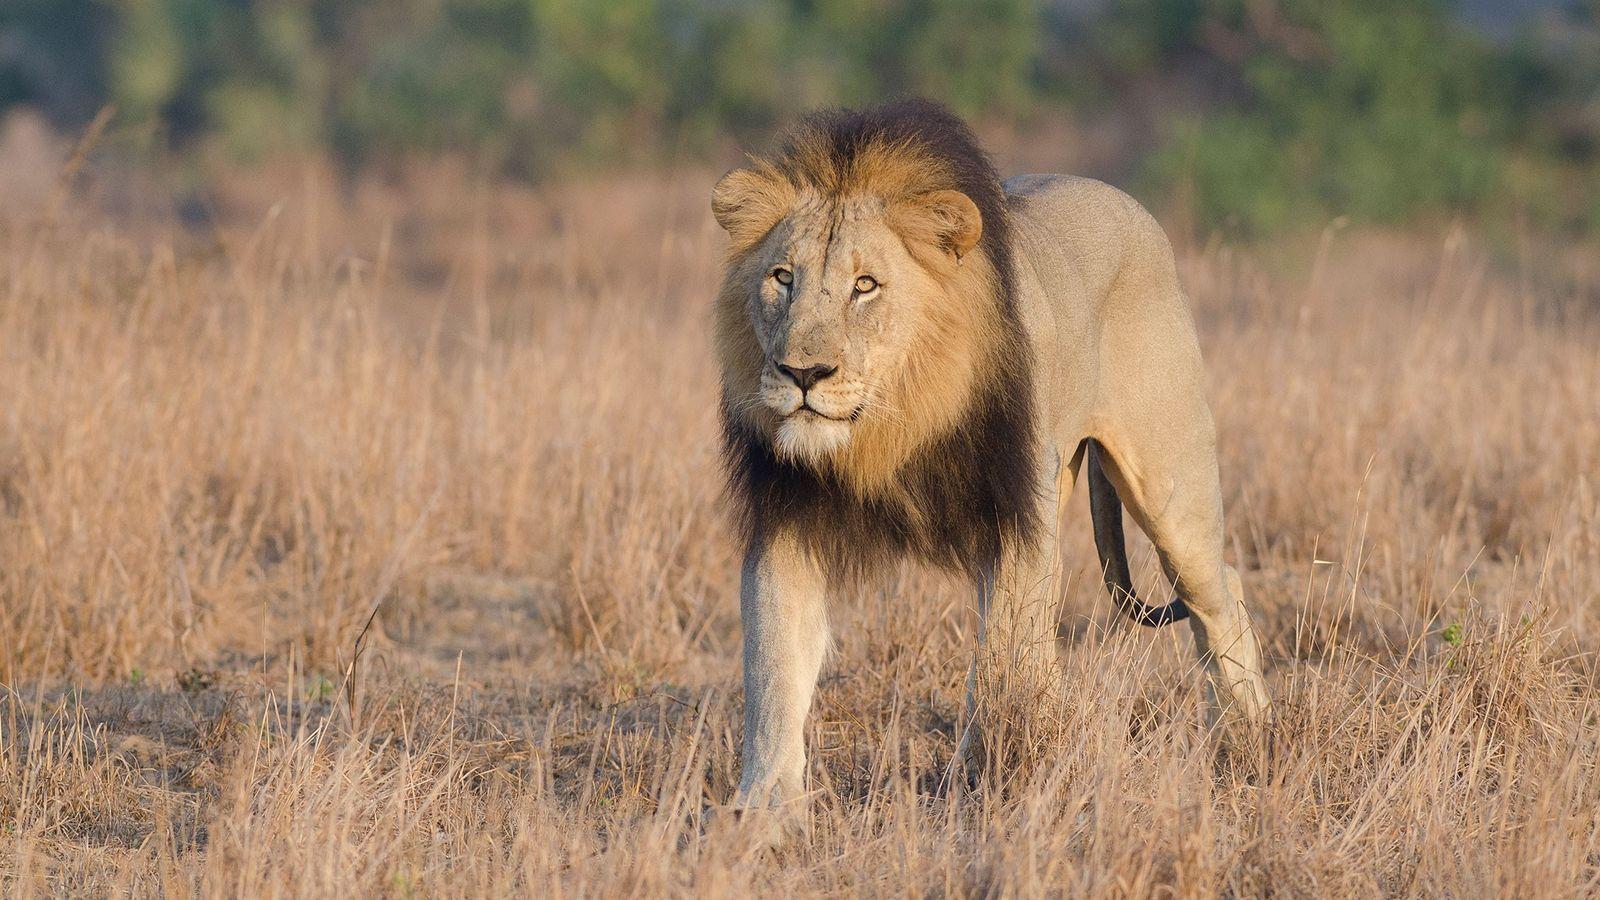 Ce lion a été photographié dans une réserve de l'Afrique du Sud. Cette semaine, une autre ...